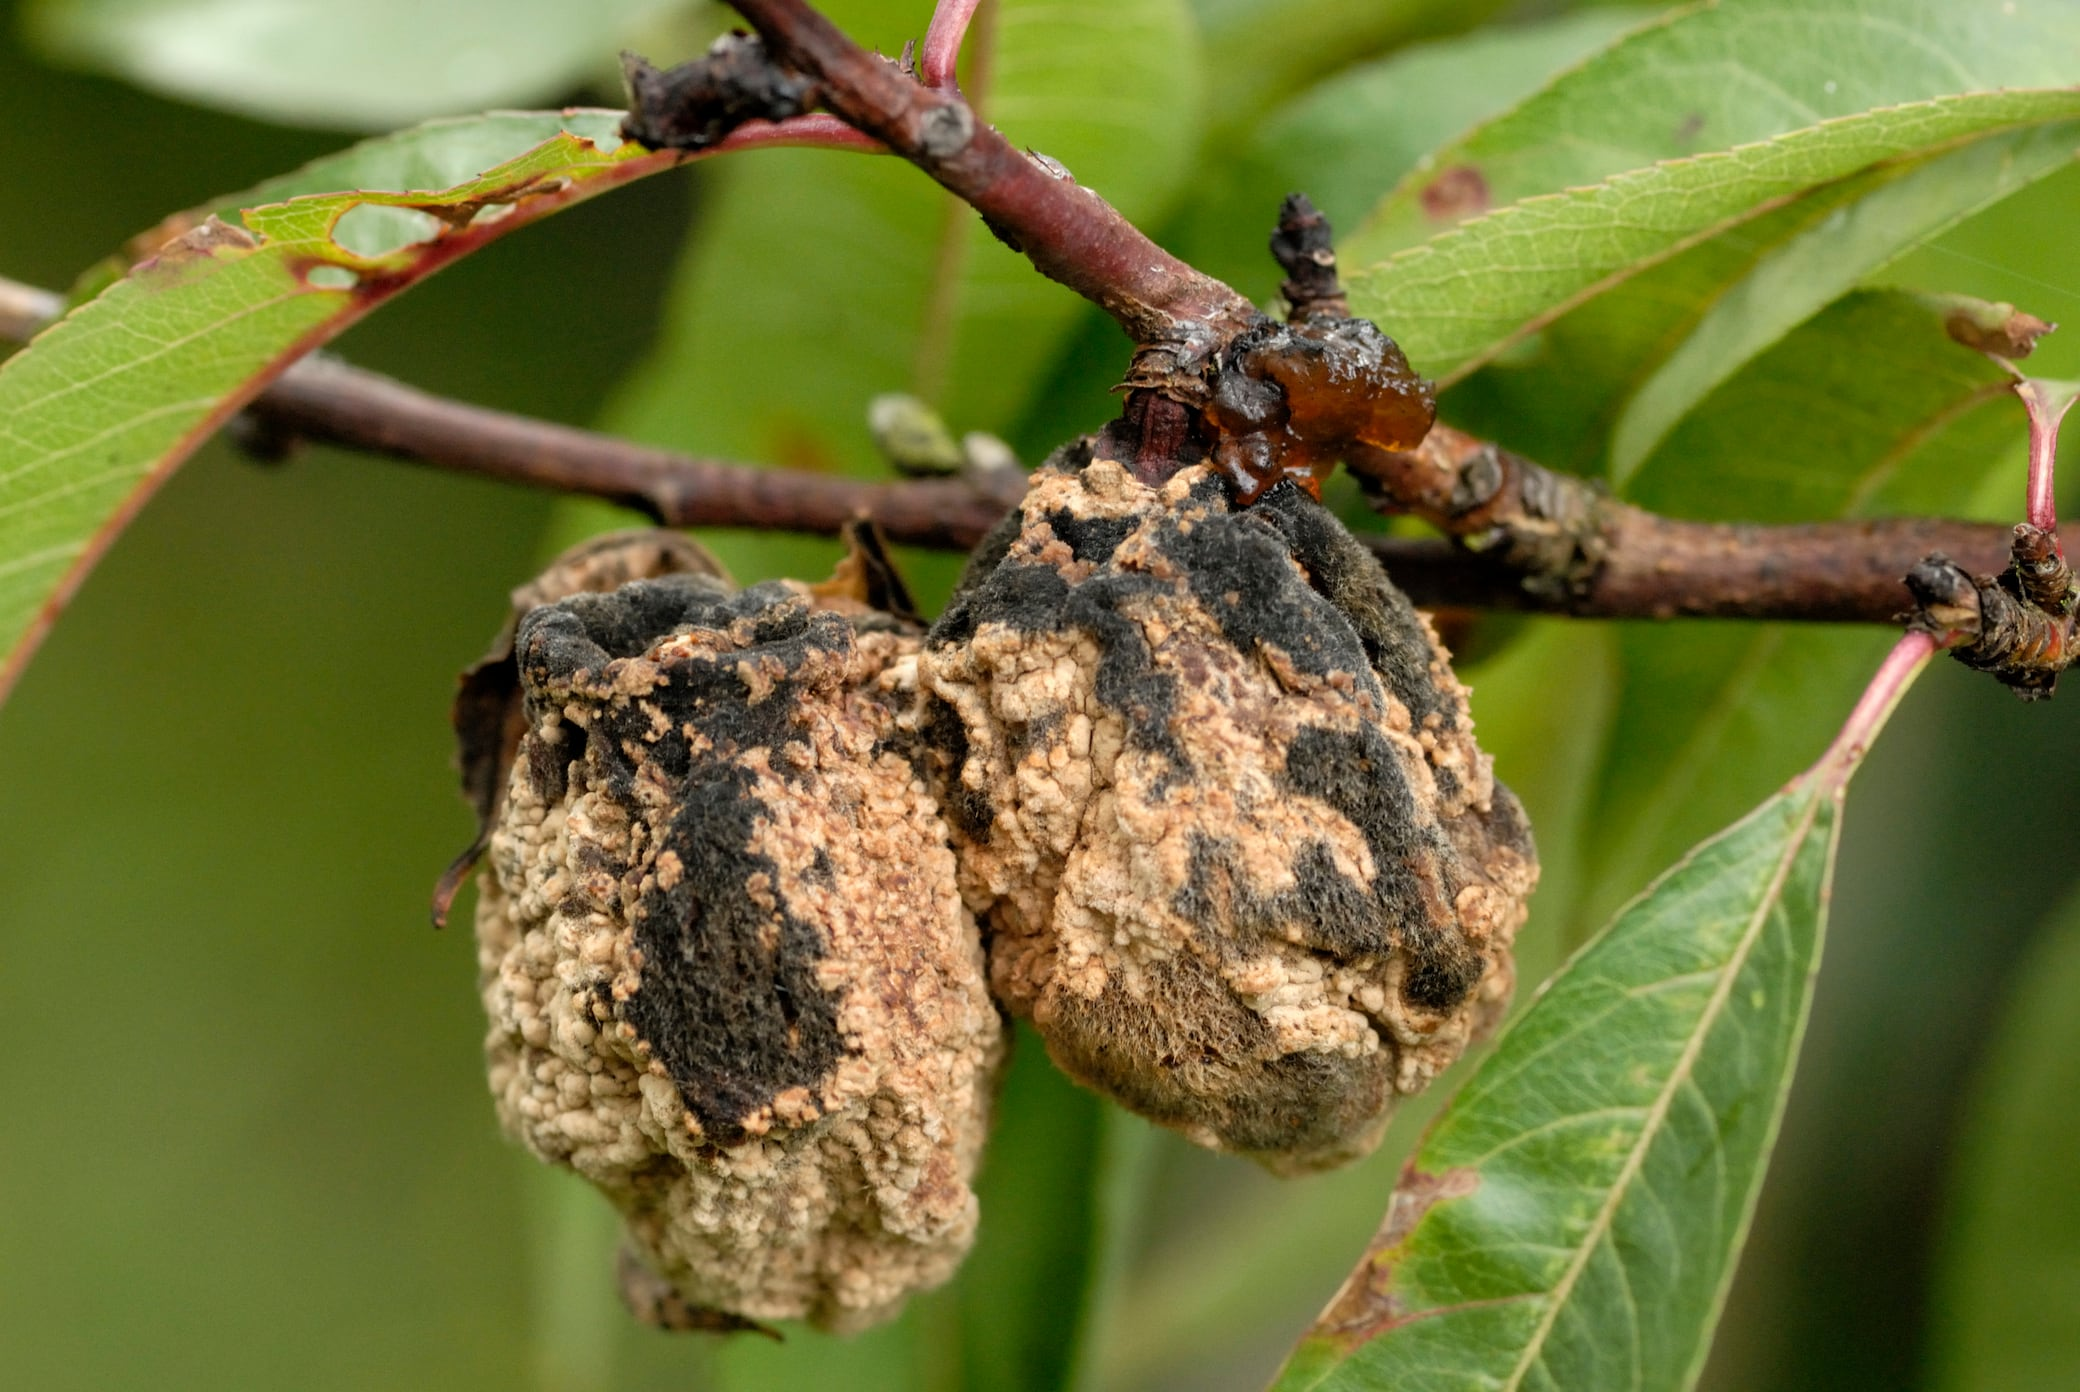 Das sollten Sie tun, wenn an Ihrem Baum verfaultes Obst hängt